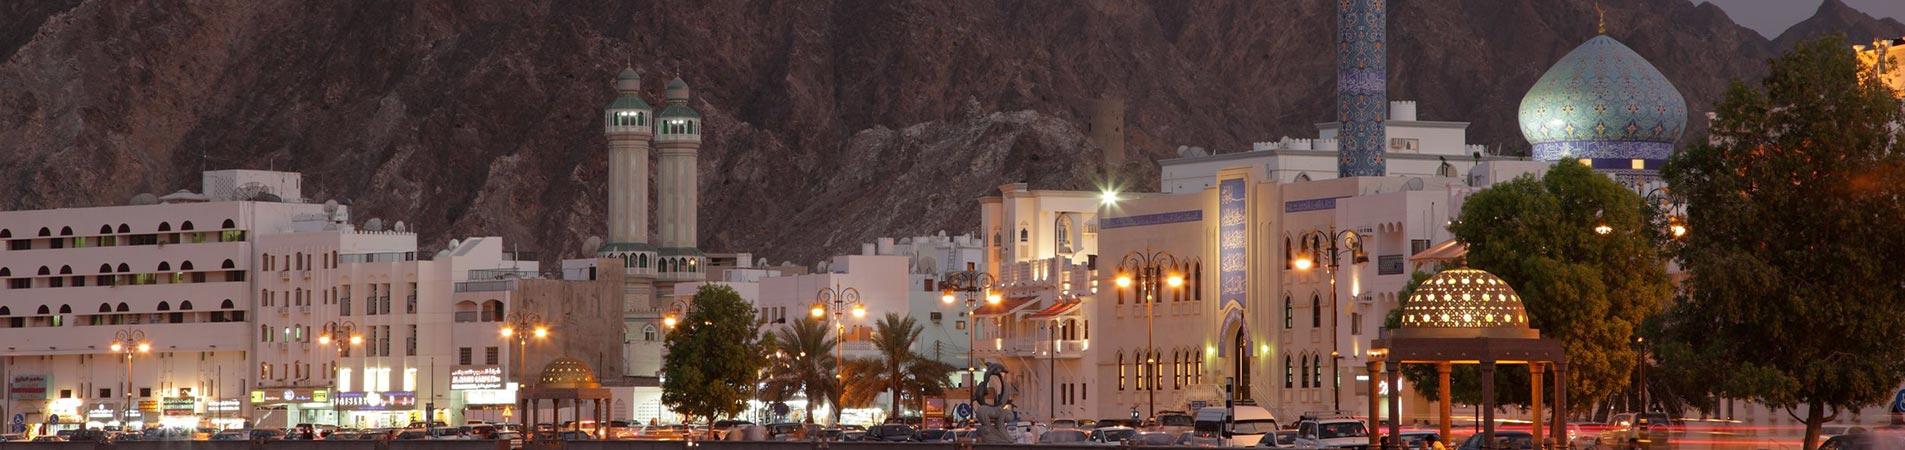 سفر به عمان ،راهنمای سفر به کشوری با قلبی در خلیج فارس